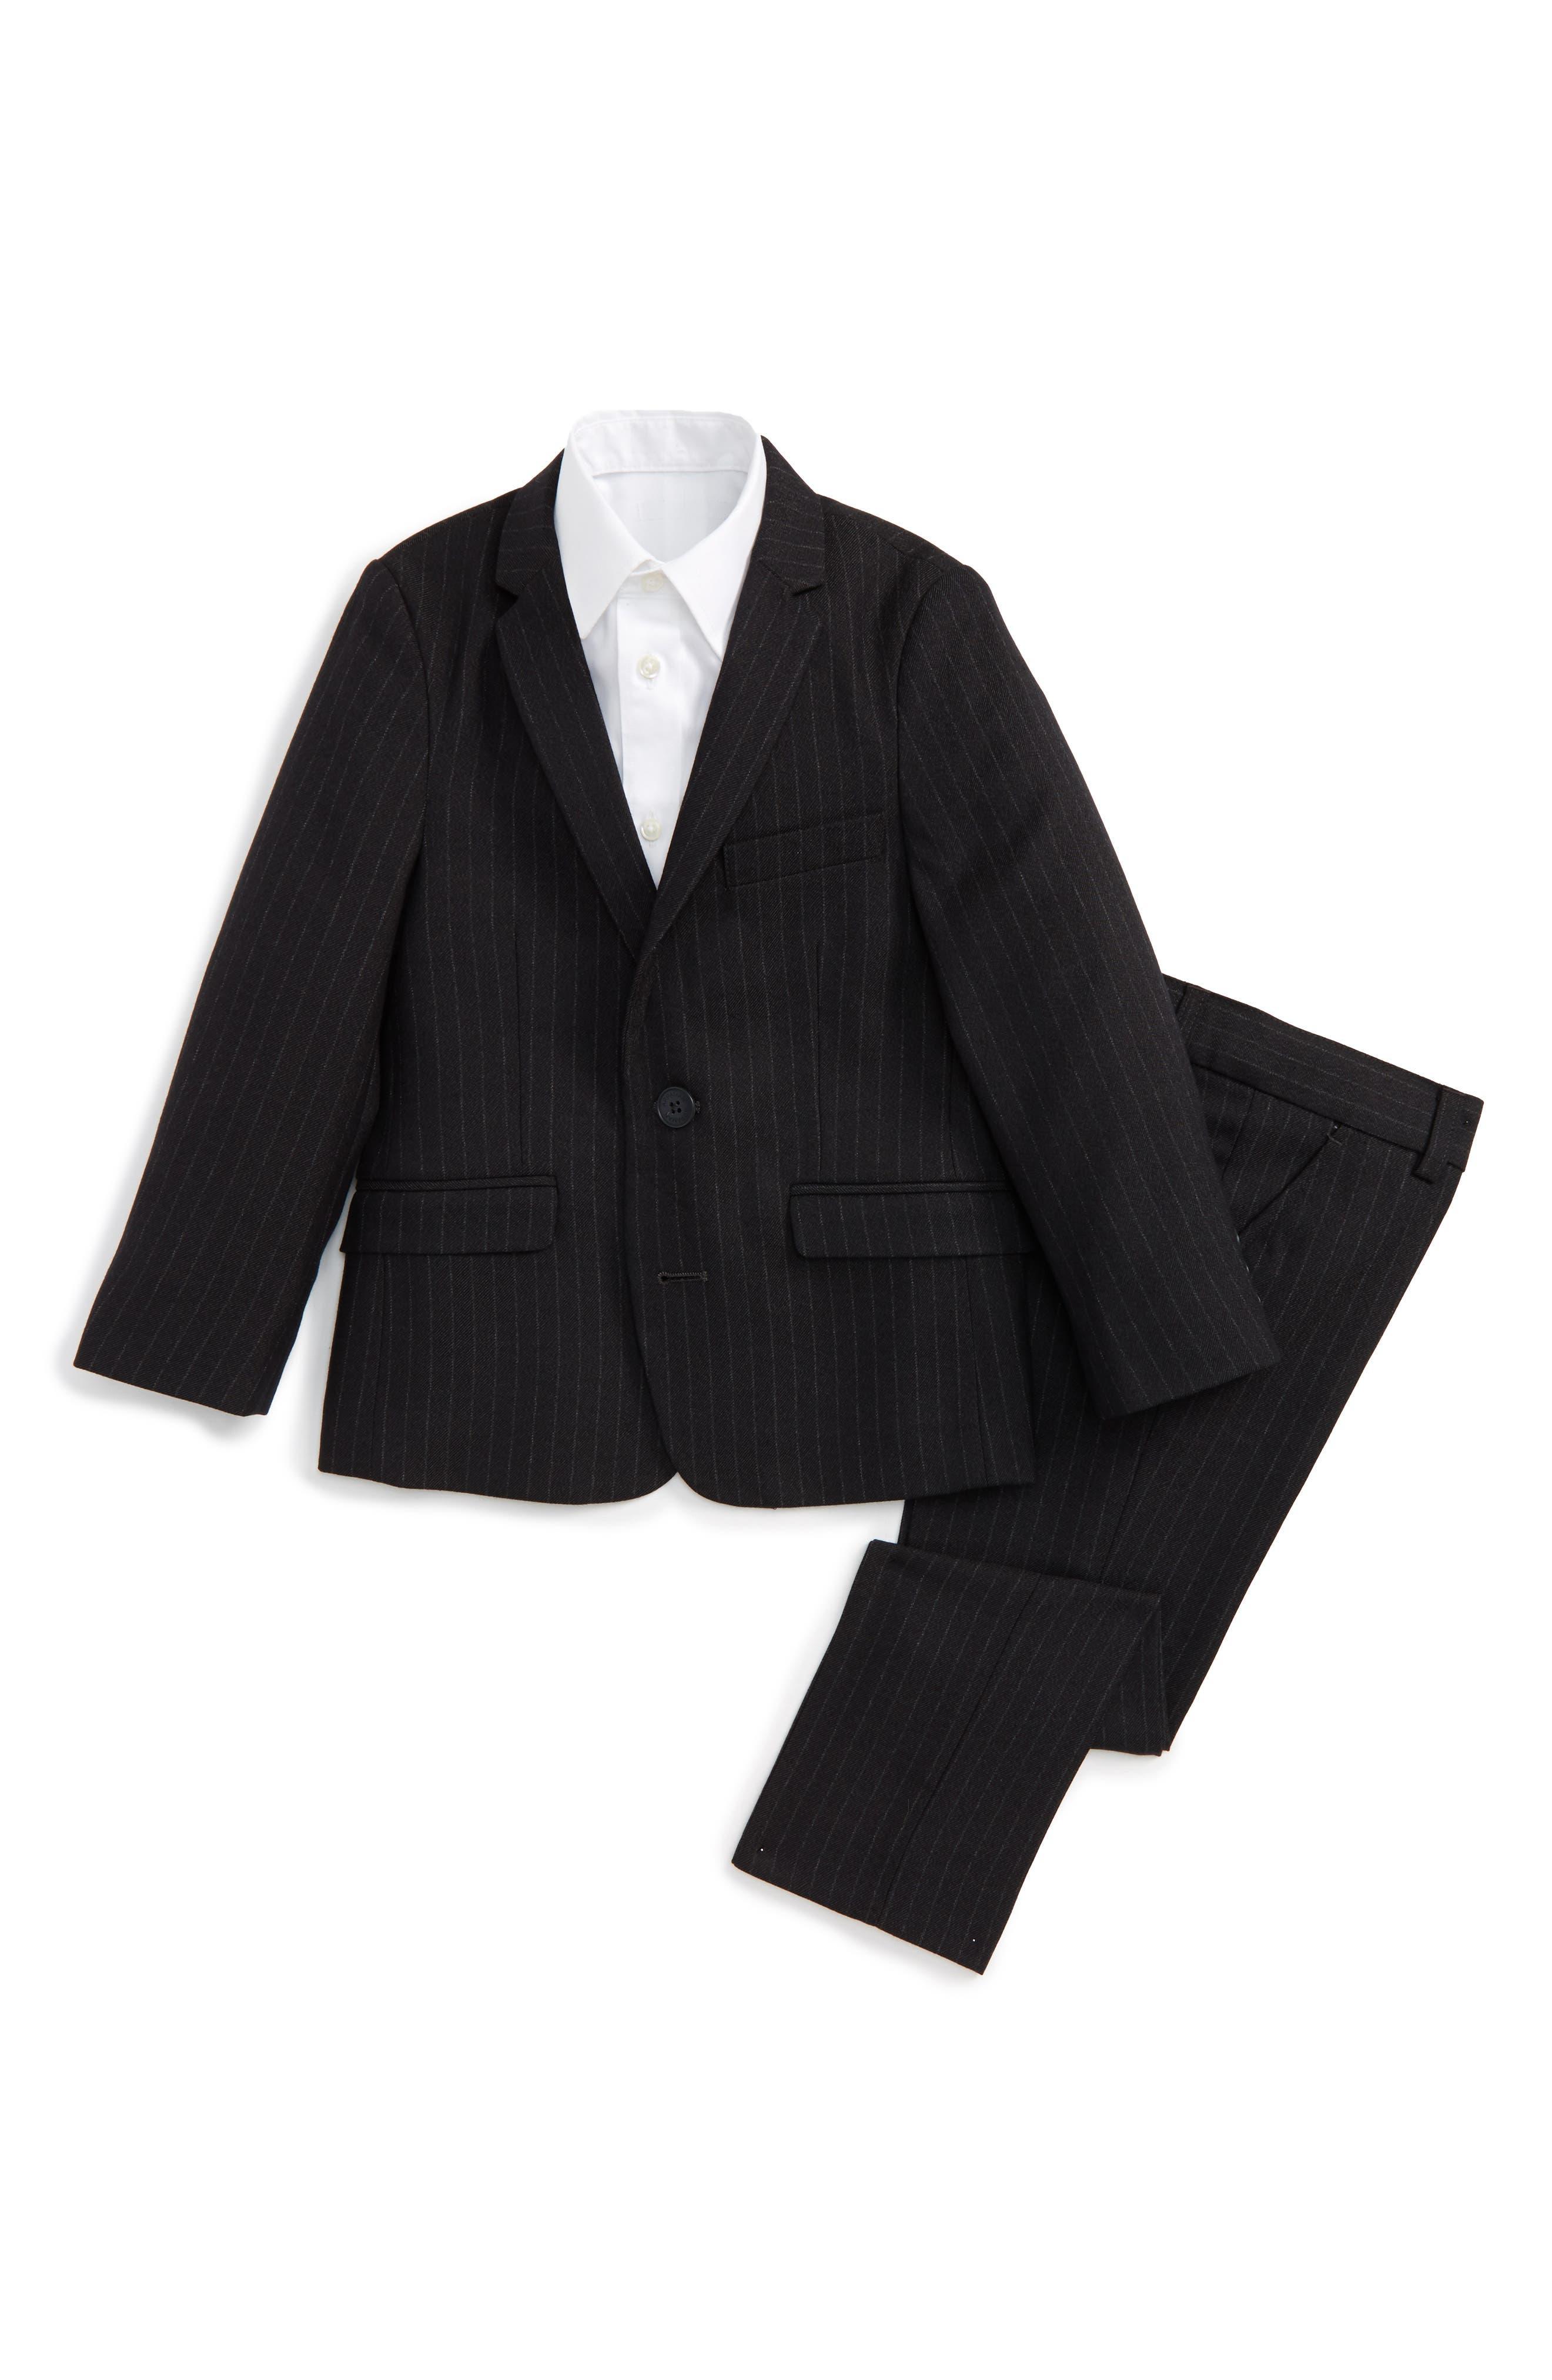 Mod Pinstripe Suit,                         Main,                         color, Charcoal Pencil Stripe